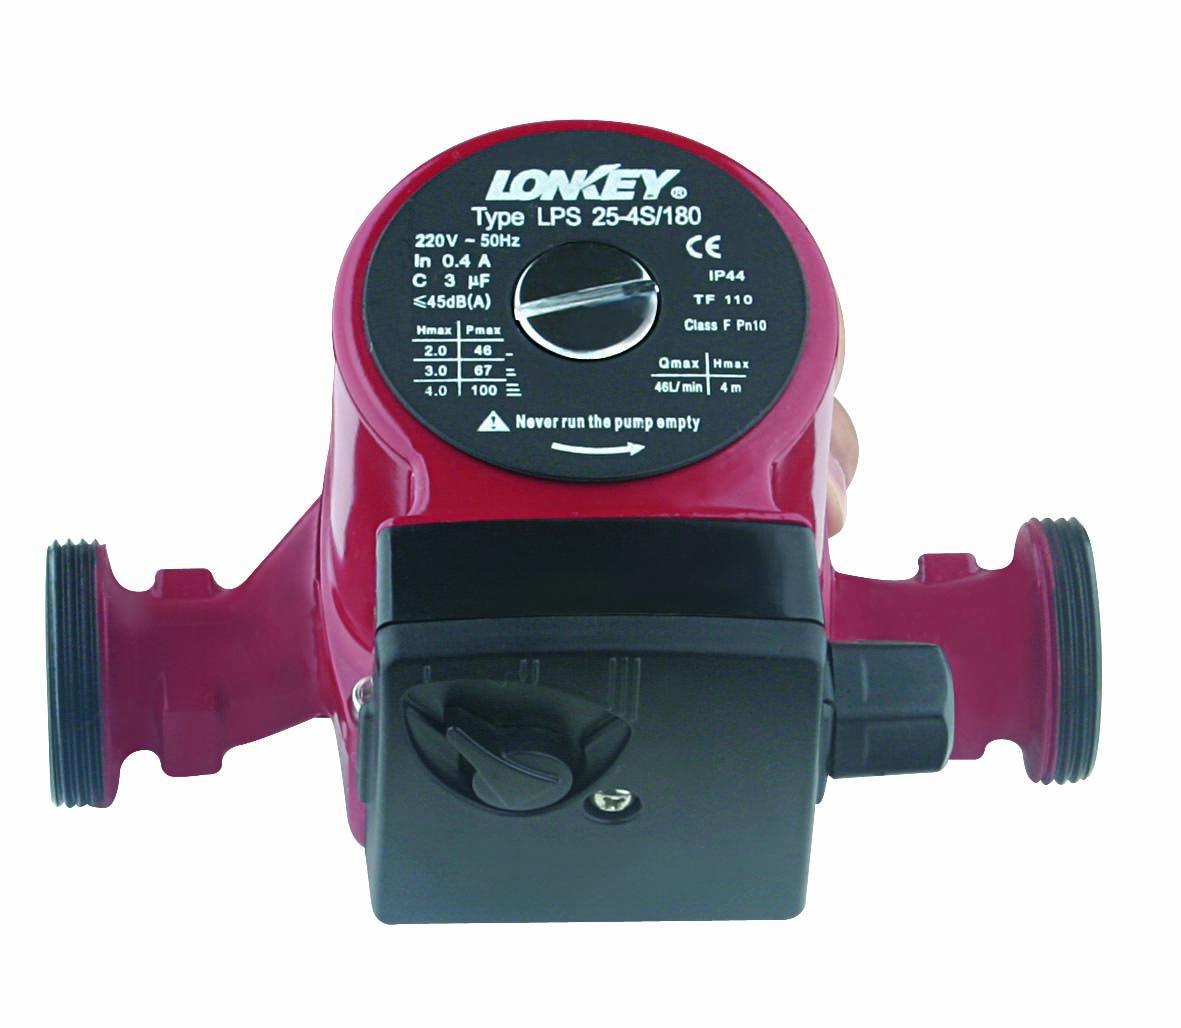 Grundfos Type Hot Water Circulation Pump, 3-Speed Heat Pump